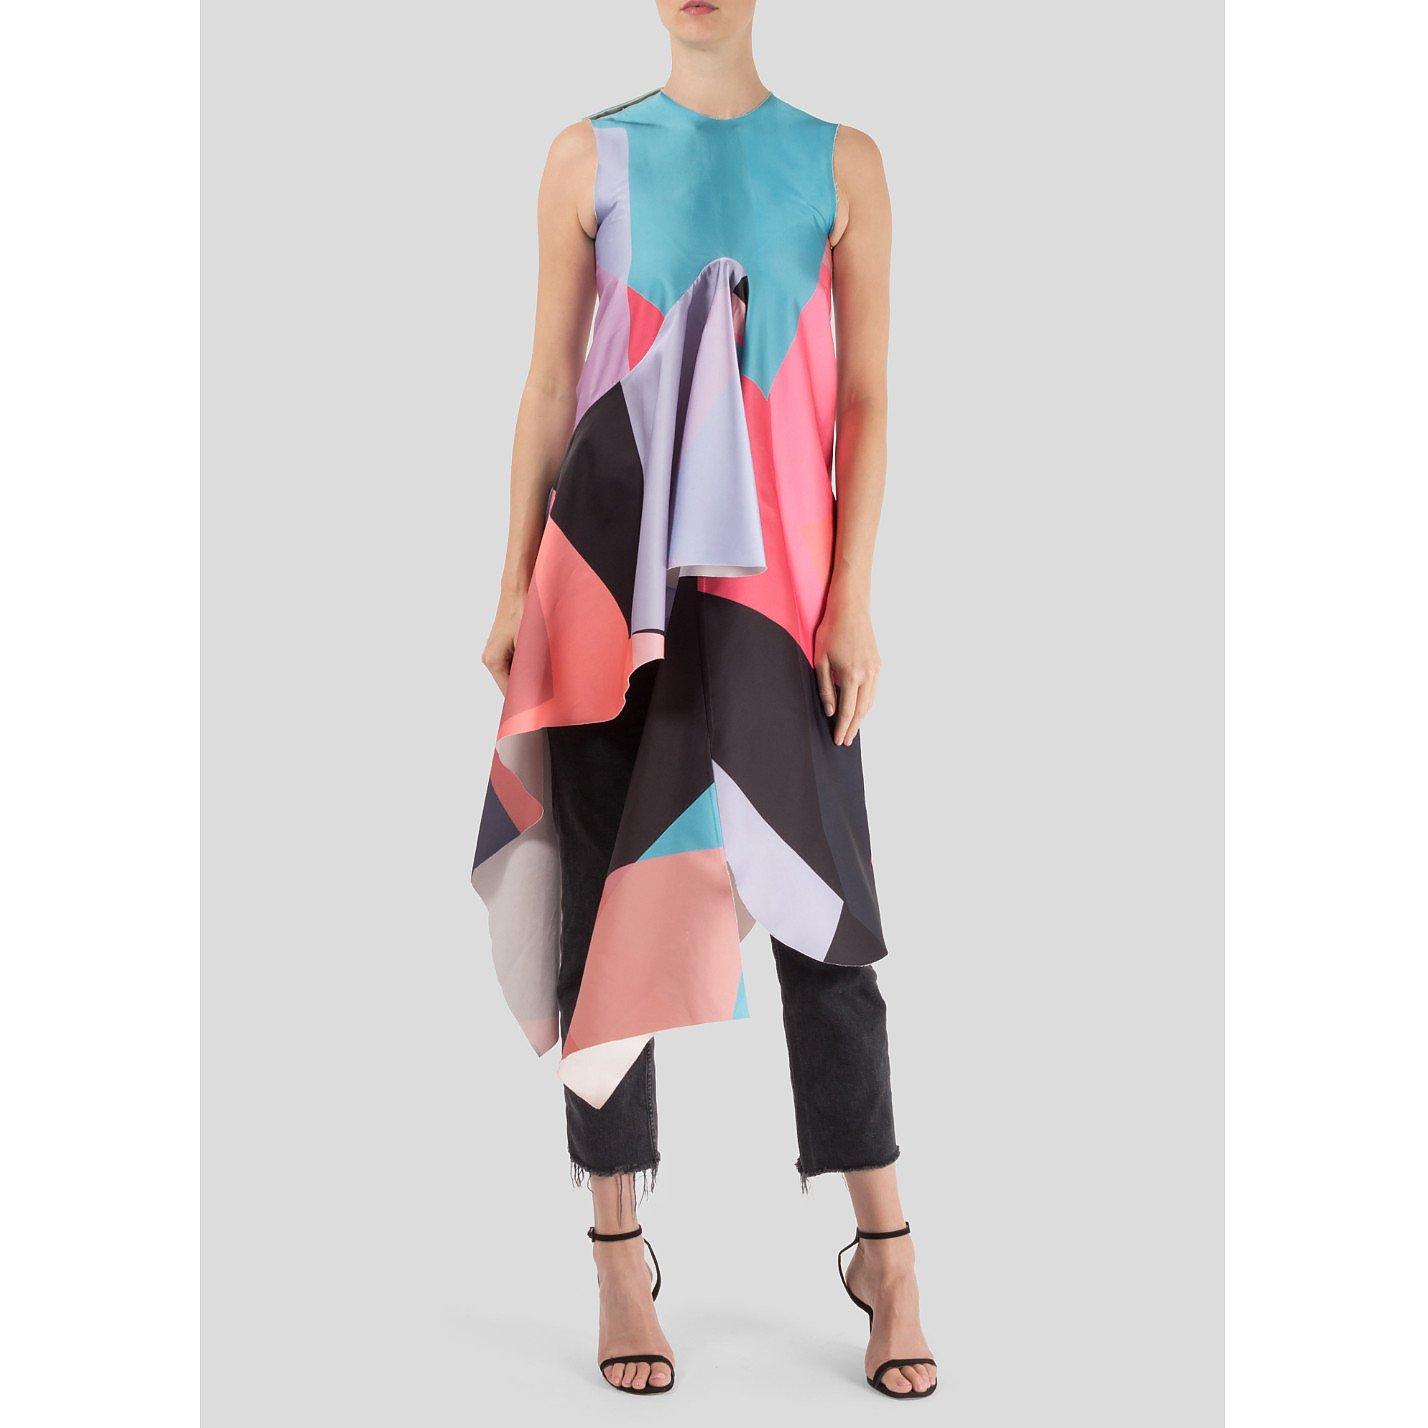 Minnanhui Geometric Draped Silk Dress